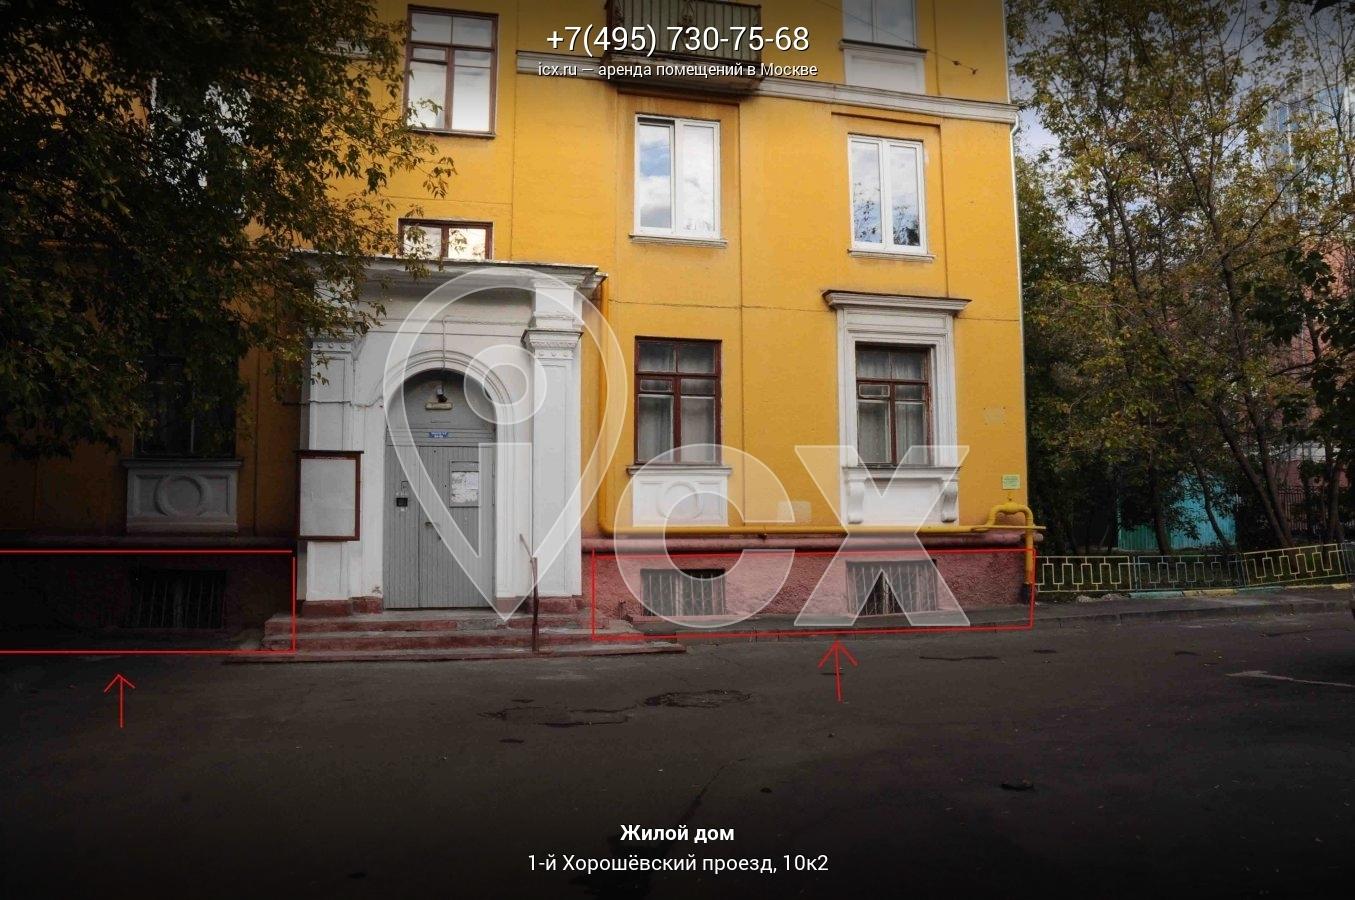 Аренда офисных помещений Хорошевский 1-й проезд Аренда офиса в Москве от собственника без посредников Бухвостова 2-я улица